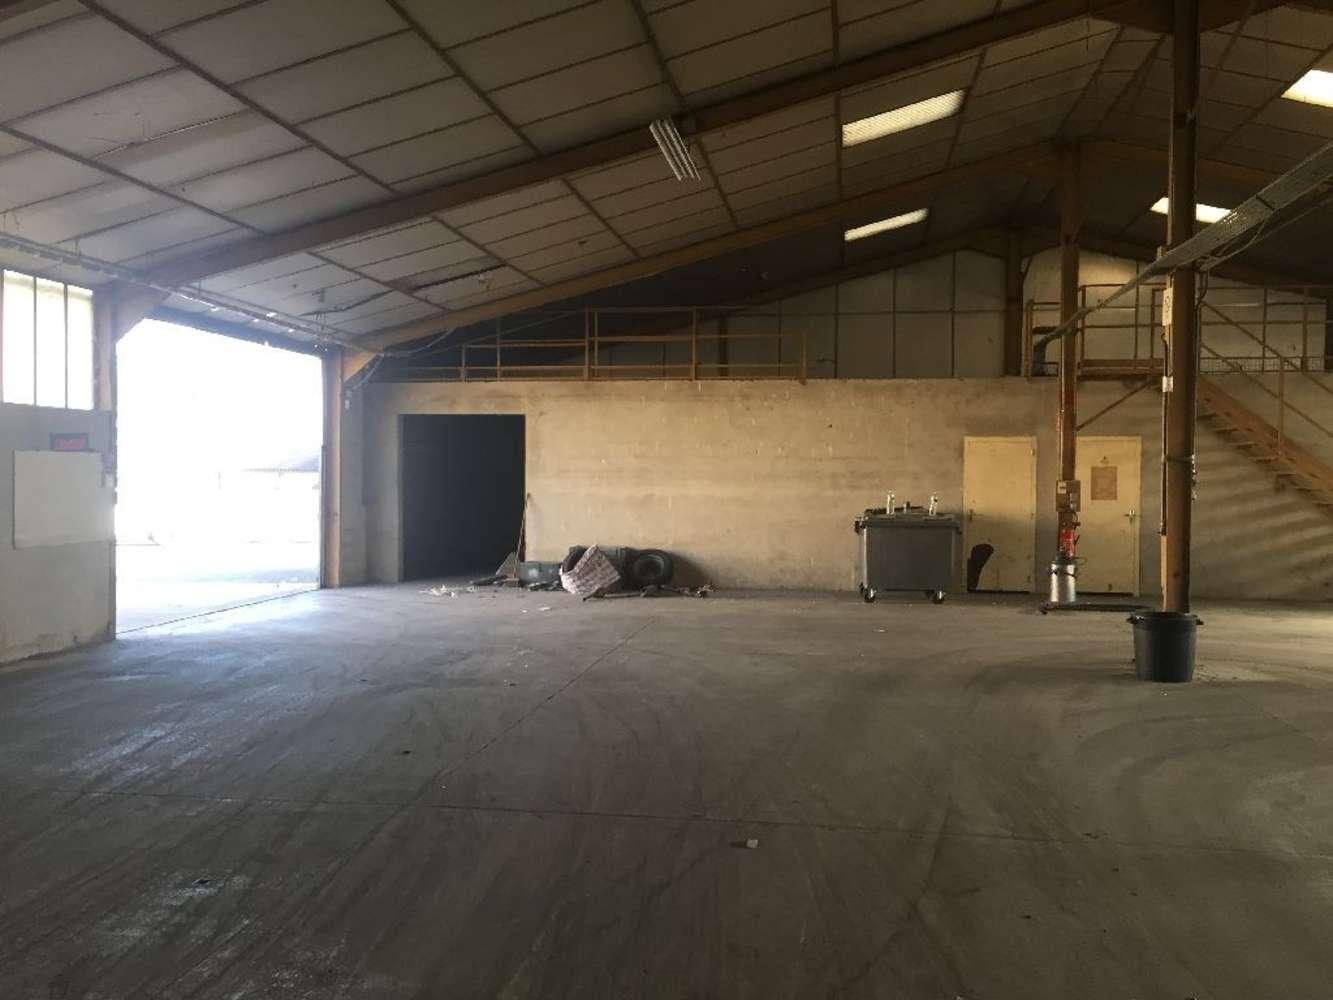 Activités/entrepôt Jassans riottier, 01480 - Vente entrepot Lyon Nord / Ain (01) - 10067107